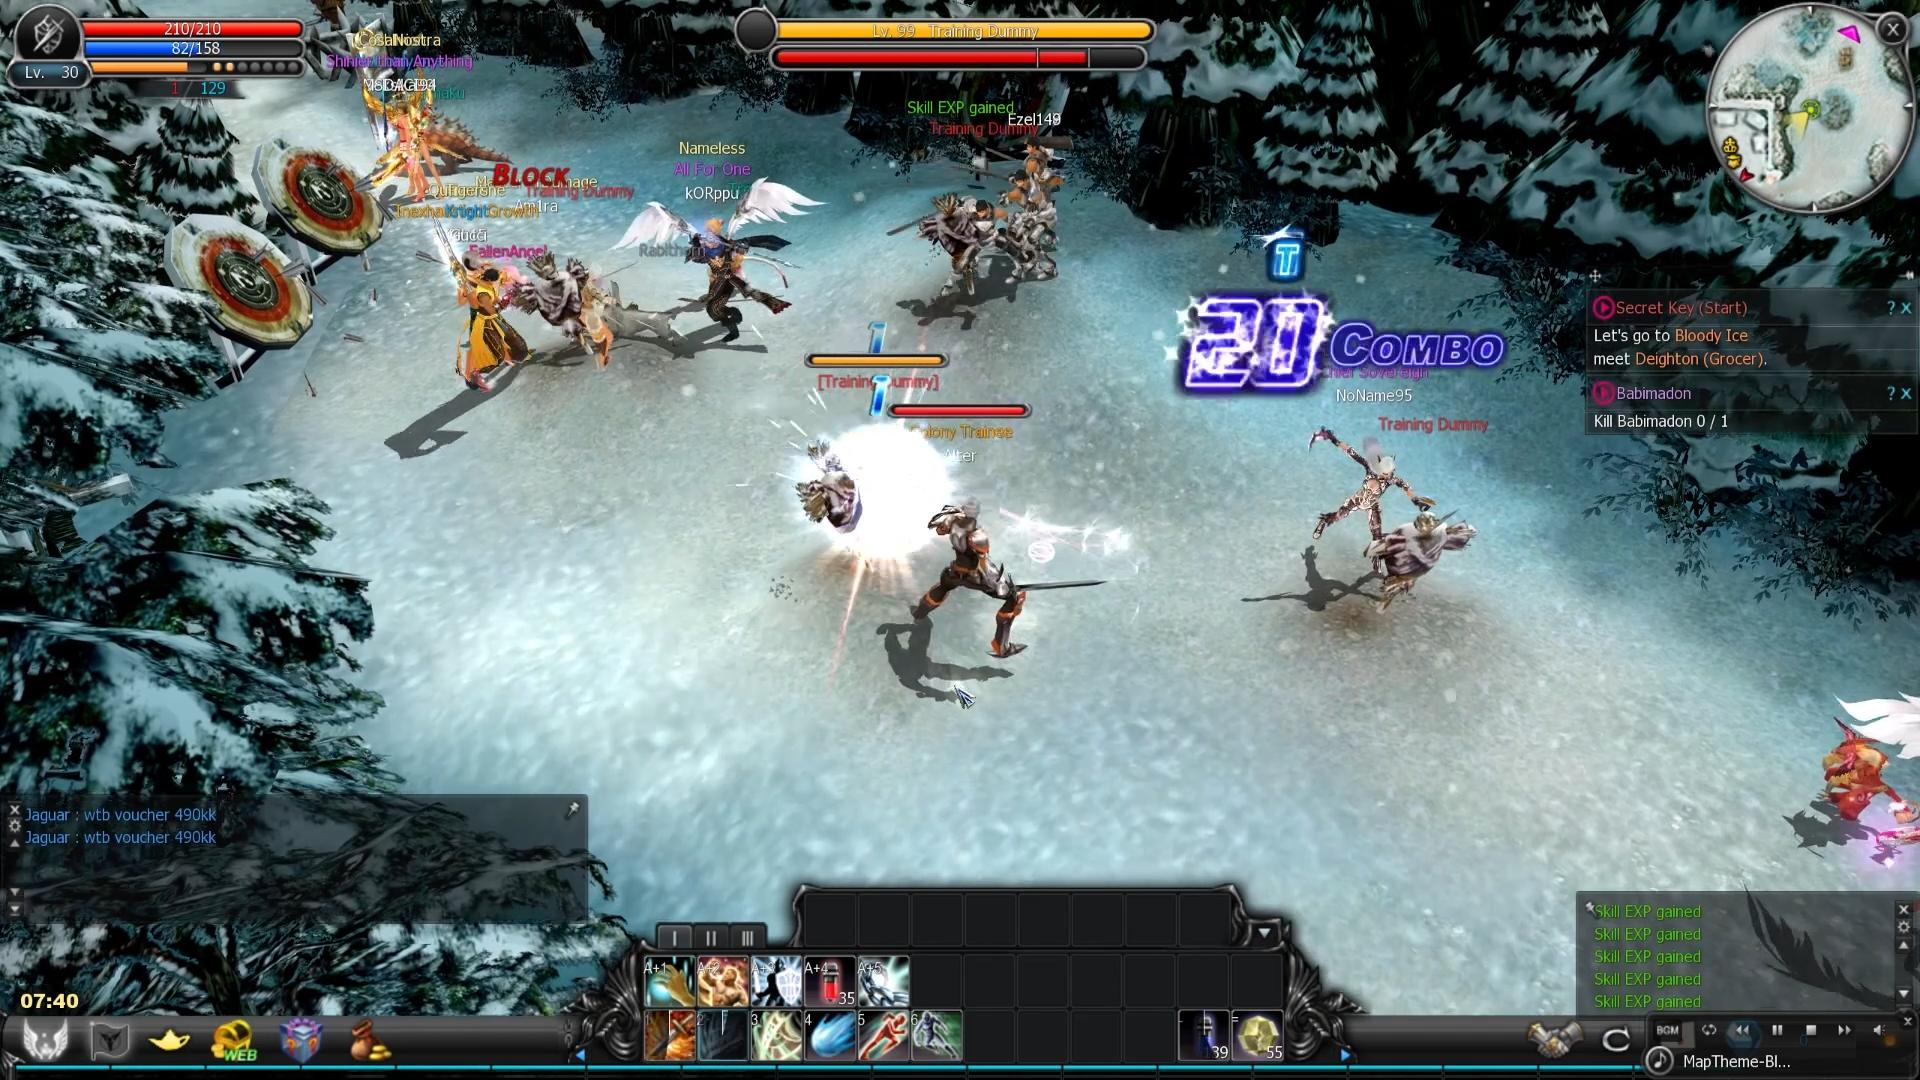 Retro MMORPG Cabal Online